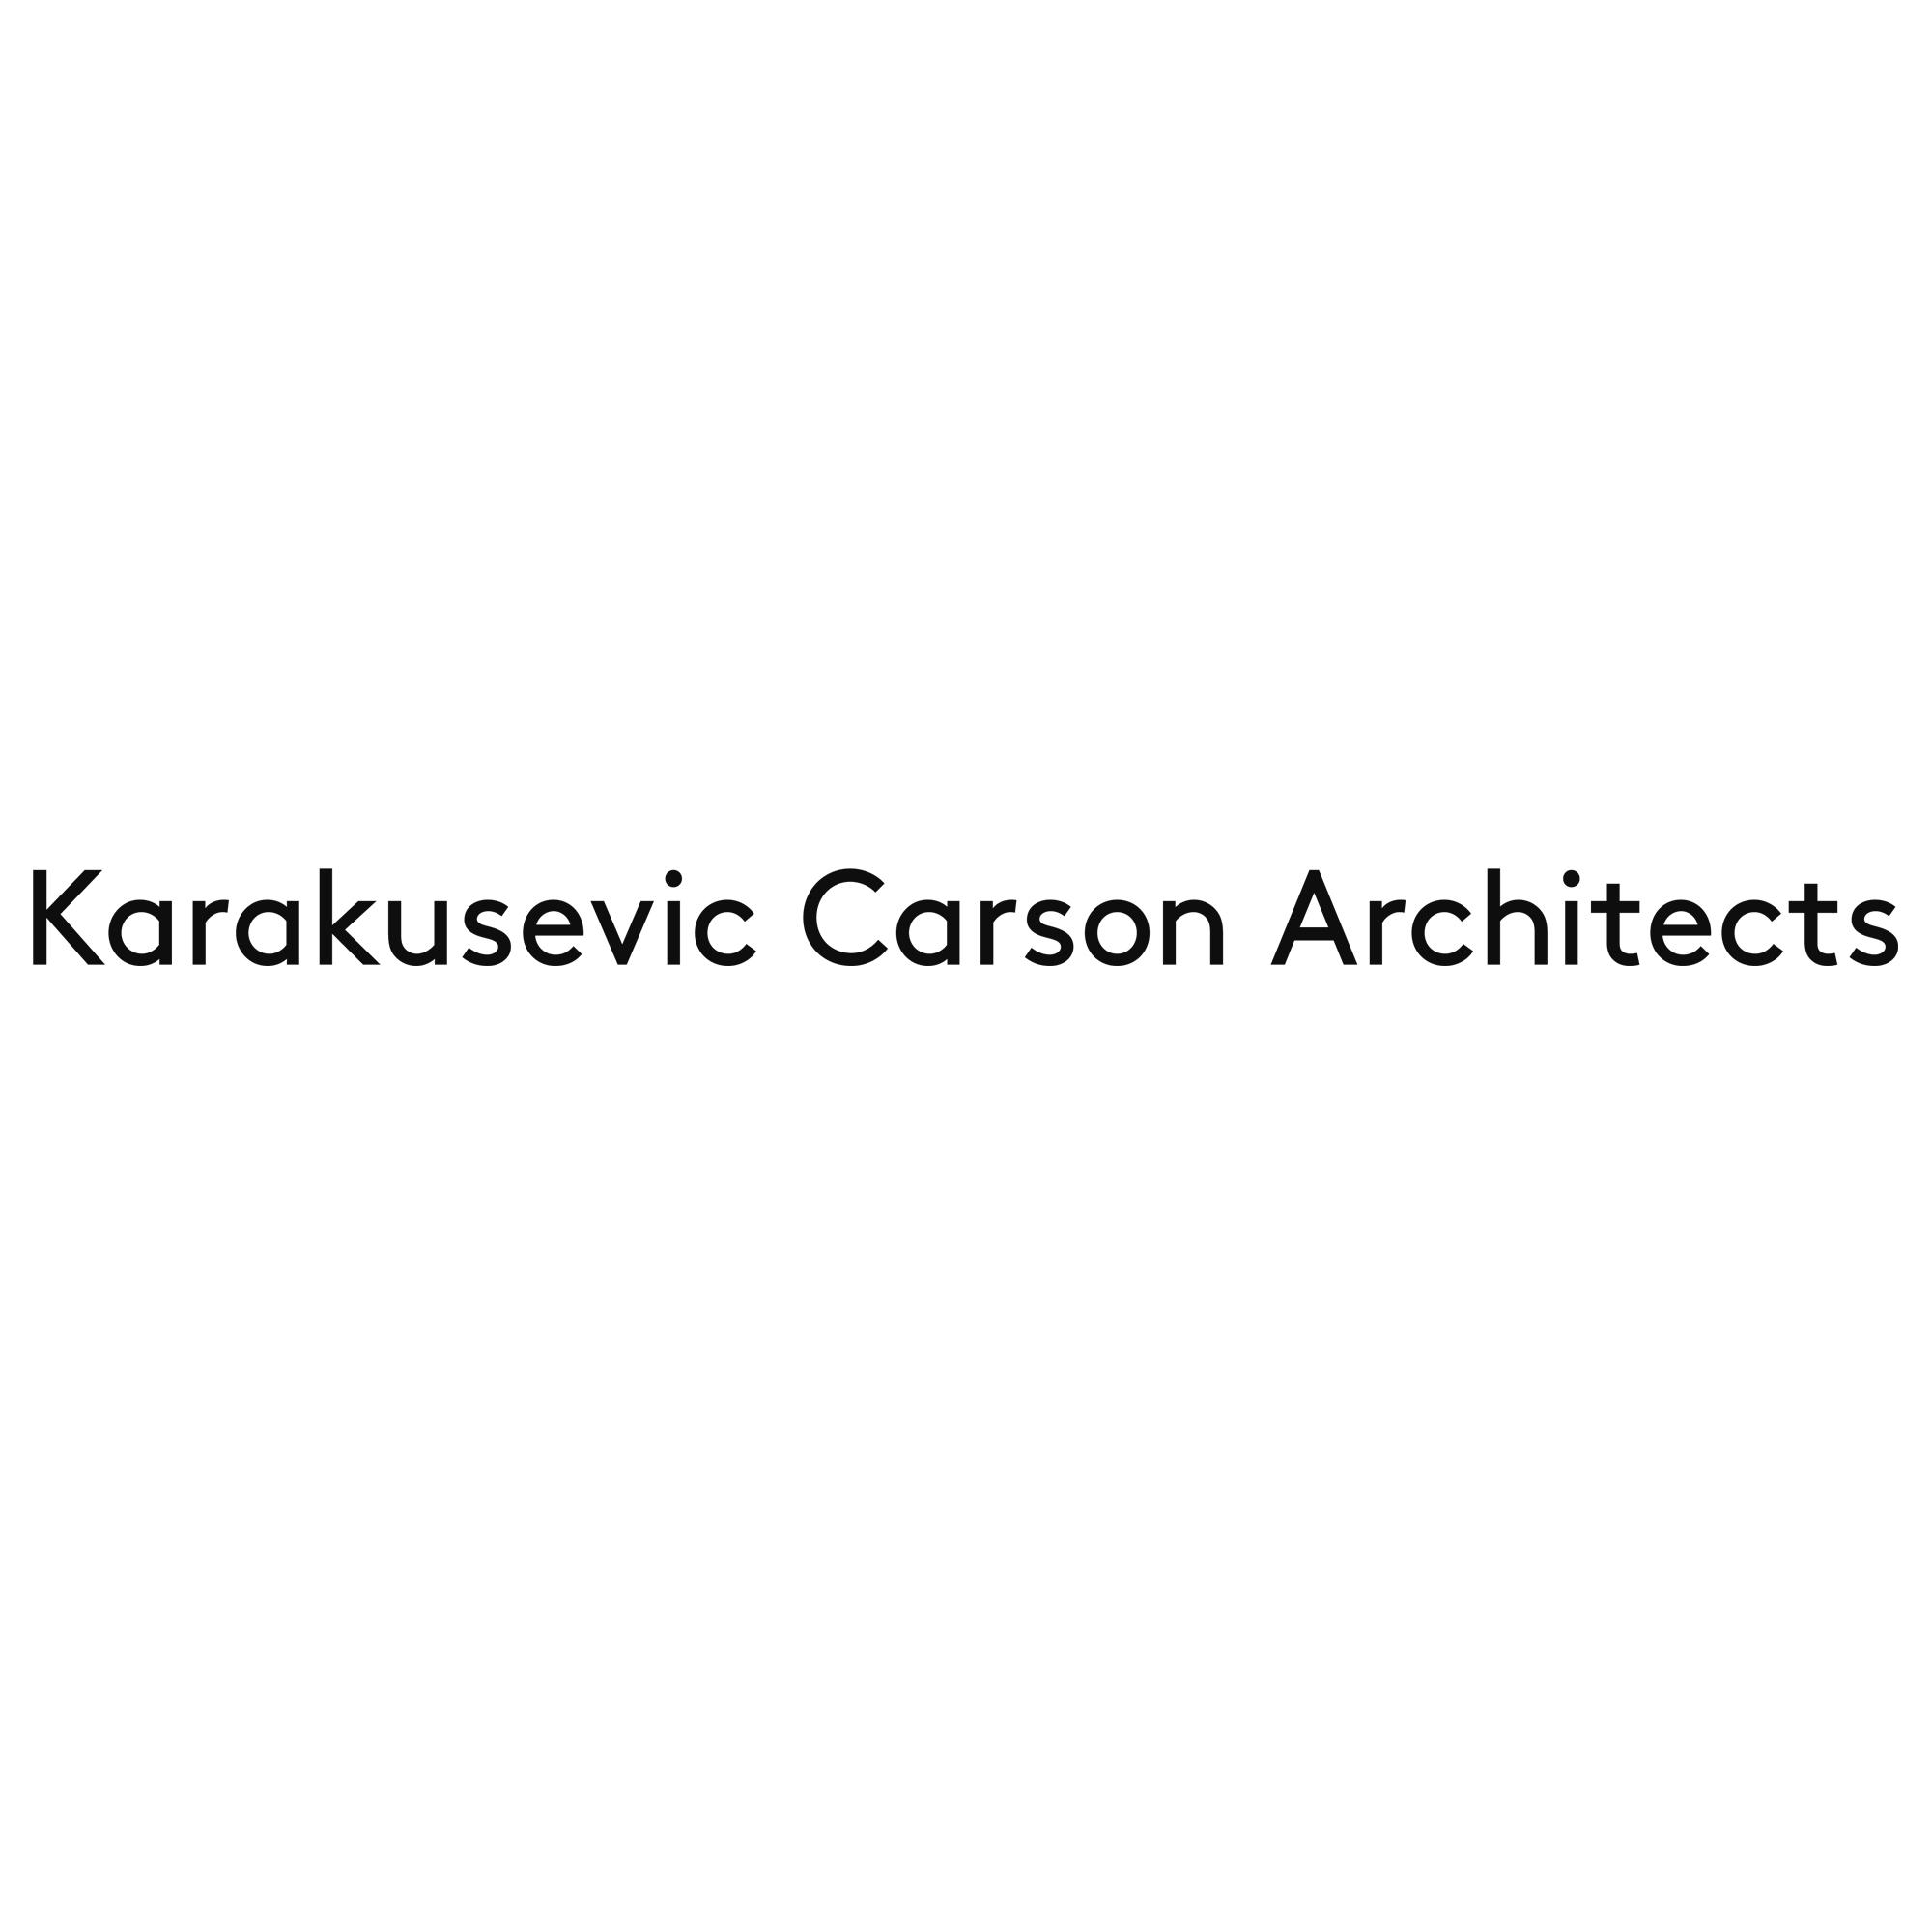 urban designer at karakusevic carson architects in london uk